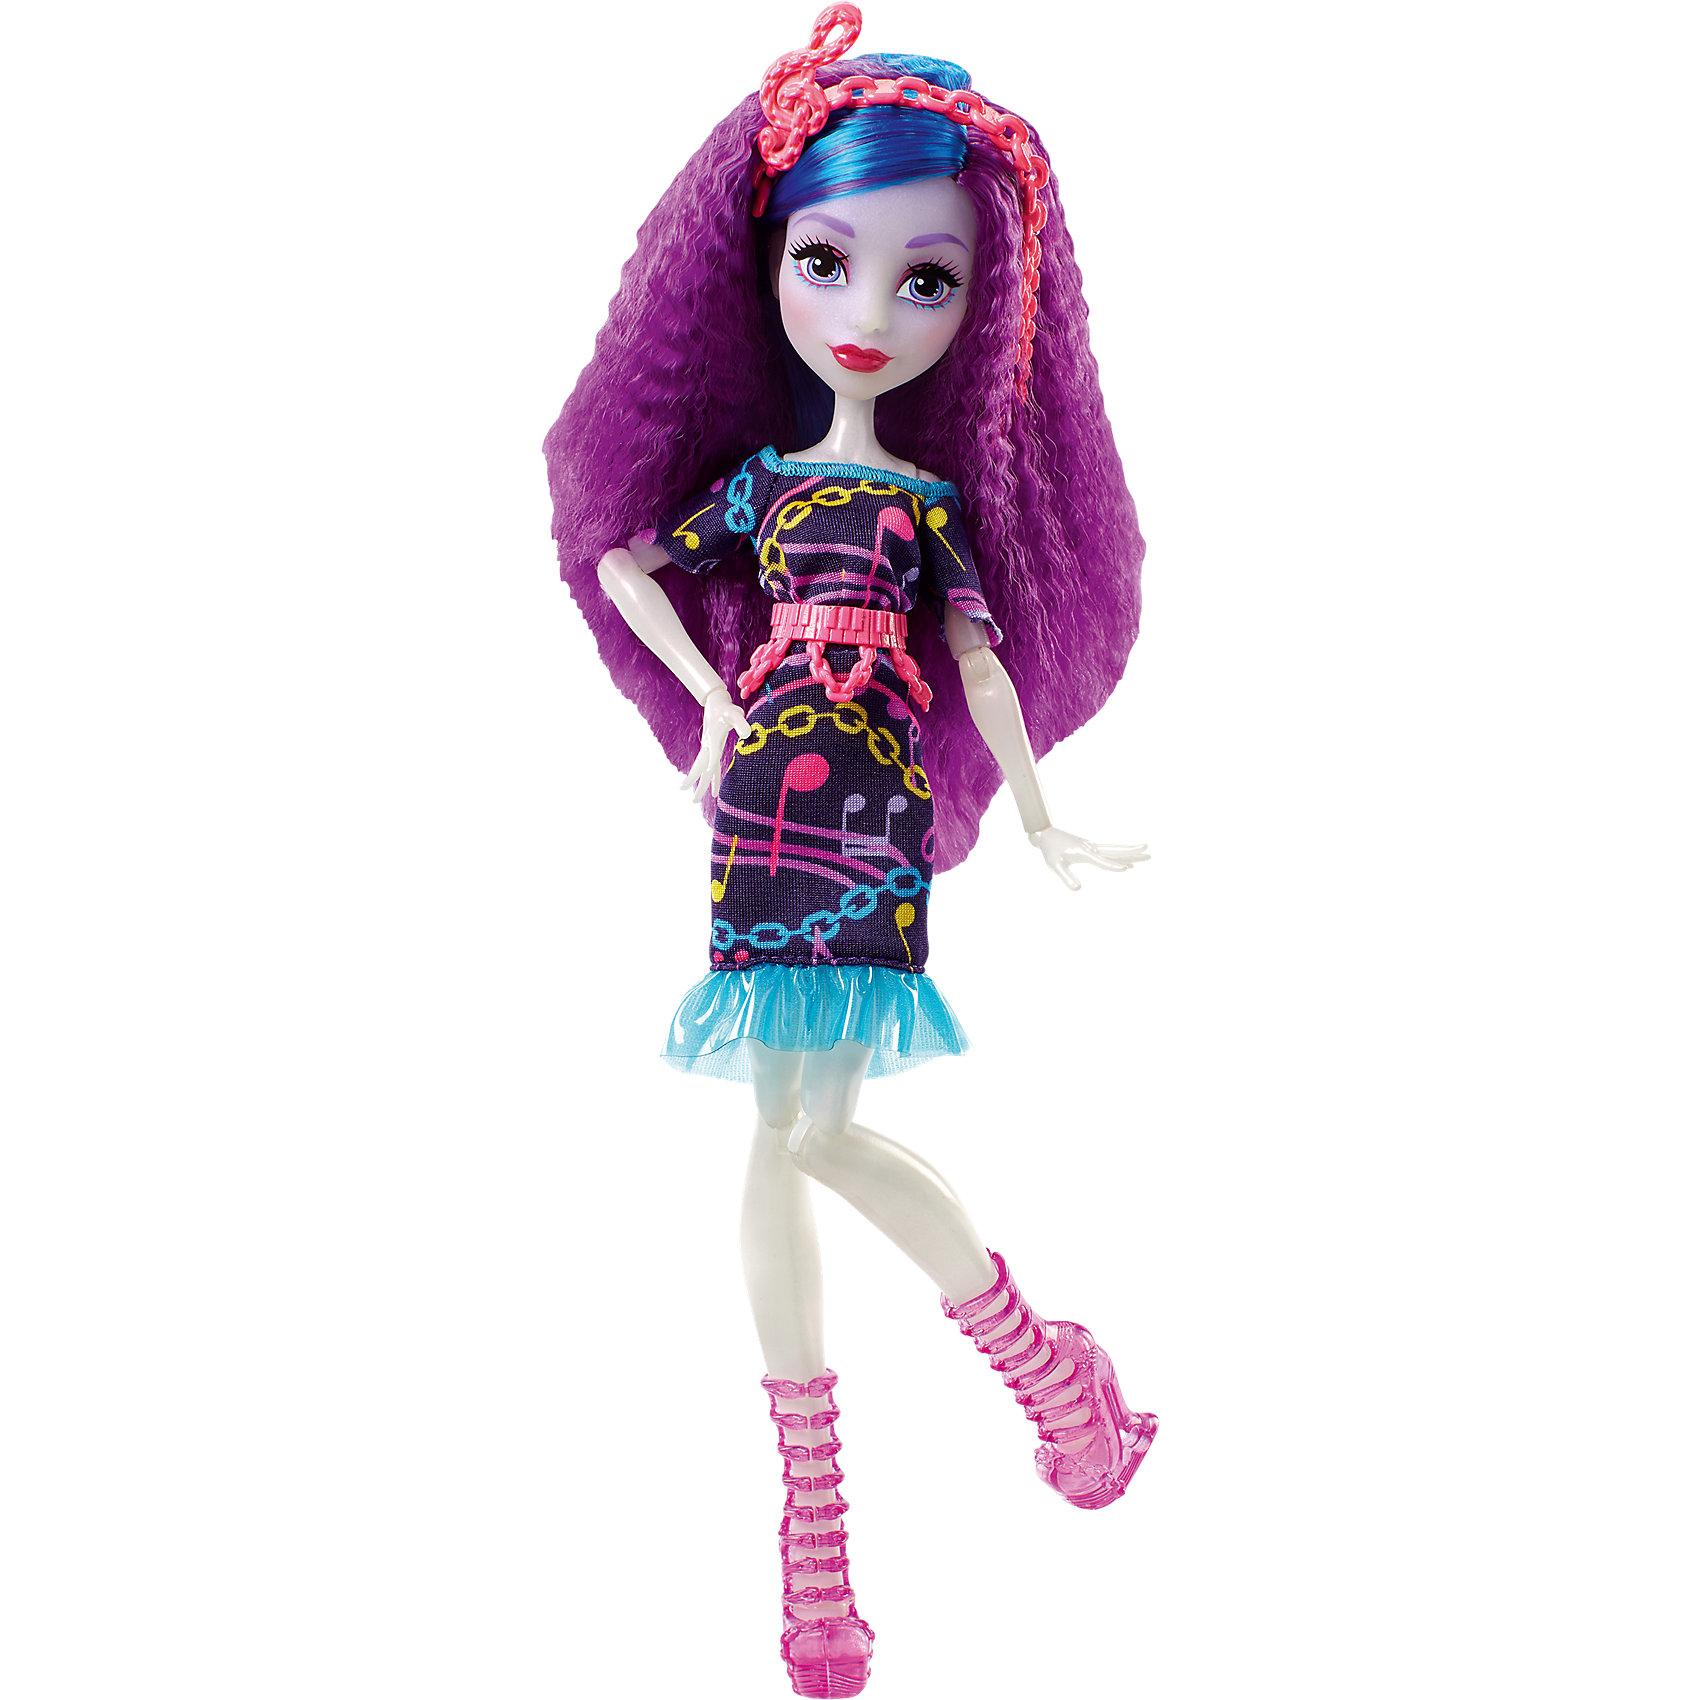 Неоновая монстряшка Ари Хантингтон из серии Под напряжением, Monster HighХарактеристики товара:<br><br>• имя куклы: Ари Хантингтон<br>• комплектация: кукла, одежда, аксессуары<br>• материал: пластик, текстиль<br>• серия: Под напряжением<br>• руки, ноги гнутся<br>• высота куклы: 27 см<br>• возраст: от 6 лет<br>• размер упаковки: 32 x 16 x 7 см<br>• вес: 0,3 кг<br>• страна бренда: США<br><br>Такая современная кукла порадует маленьких любительниц мультфильмов про мир Monster High. Костюм героини мультфильма дополняет обувь и аксессуары. Руки и ноги гнутся, из длинных волос можно делать прически! Кукла Ари Хантингтон из серии Под напряжением, Monster High, станет великолепным подарком для девочек.<br><br>Игры с куклами помогают девочкам отработать сценарии поведения в обществе, развить воображение и мелкую моторику. Изделие произведено из безопасных для детей материалов. Куклы Monster High от бренда Mattel не перестают быть популярными у современных девочек! <br><br>Куклу Неоновая монстряшка Ари Хантингтон из серии Под напряжением, Monster High, от компании Mattel можно купить в нашем интернет-магазине.<br><br>Ширина мм: 327<br>Глубина мм: 154<br>Высота мм: 66<br>Вес г: 172<br>Возраст от месяцев: 72<br>Возраст до месяцев: 120<br>Пол: Женский<br>Возраст: Детский<br>SKU: 5089101